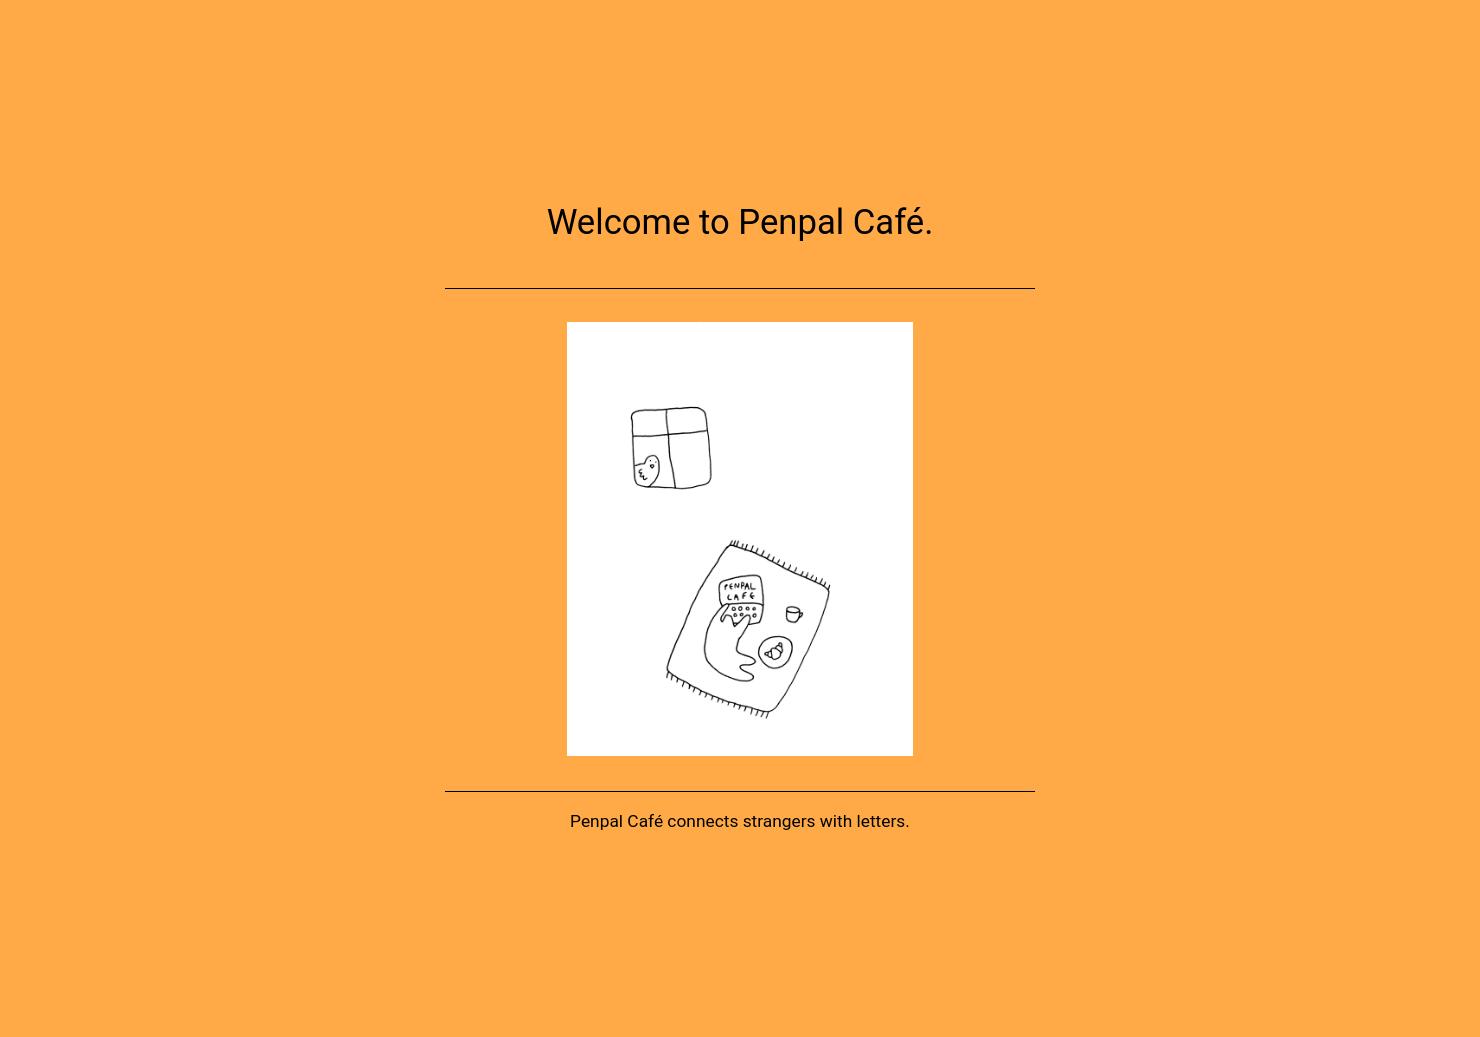 Penpal Café